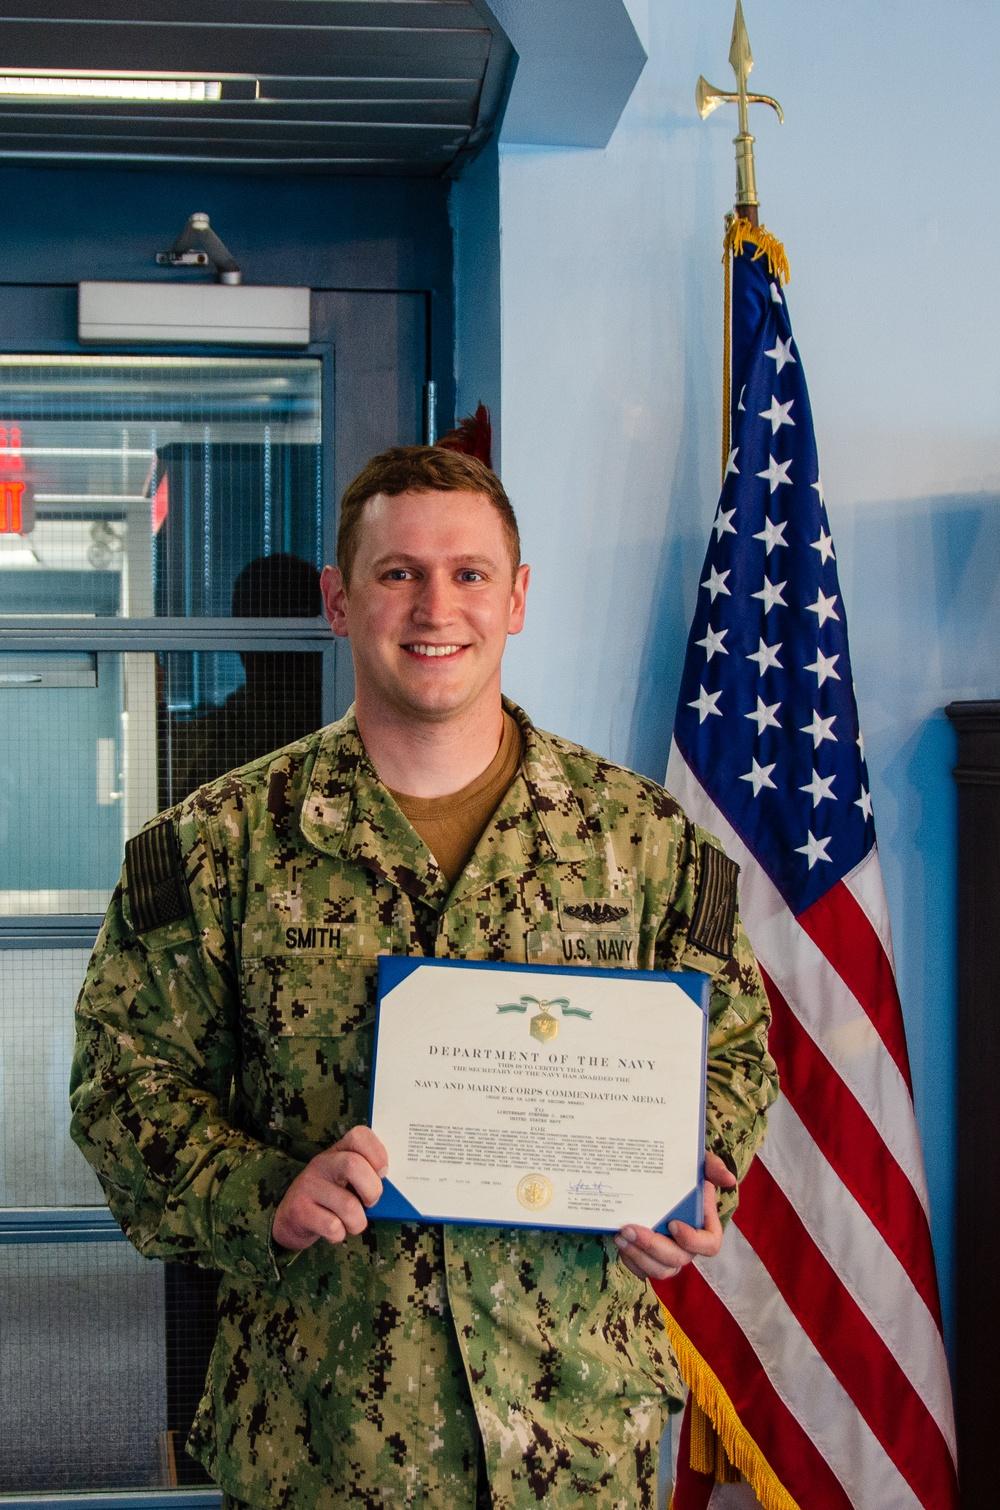 Lt. Stephen Smith End of Tour Award